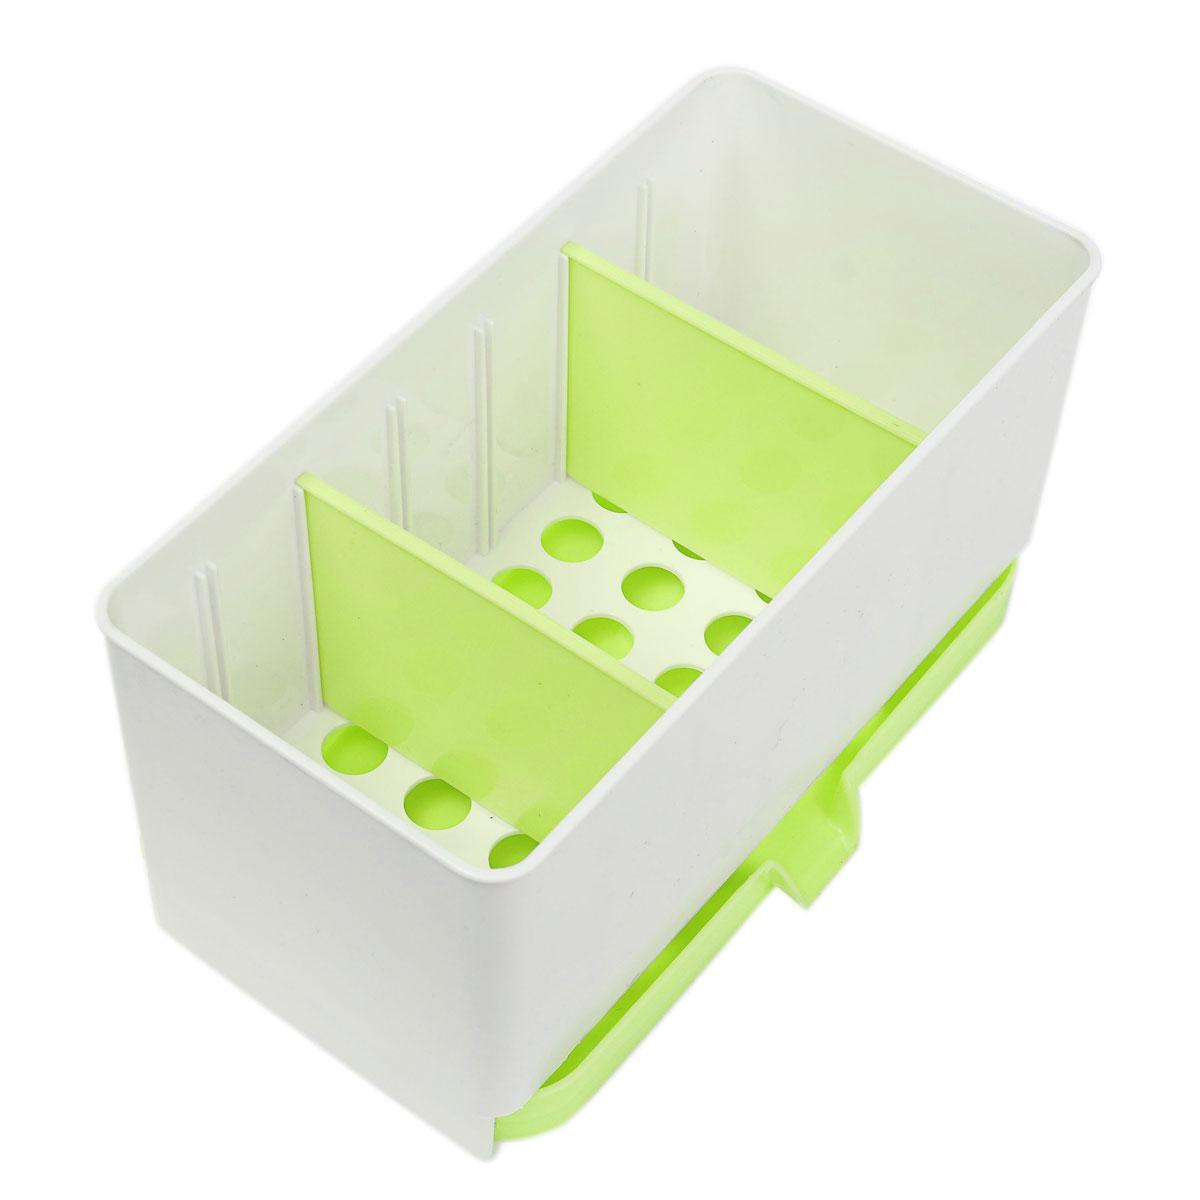 Kitchen Sink Shelf Organizer Compare Prices On Kitchen Sink Drainer Basket Online Shopping Buy